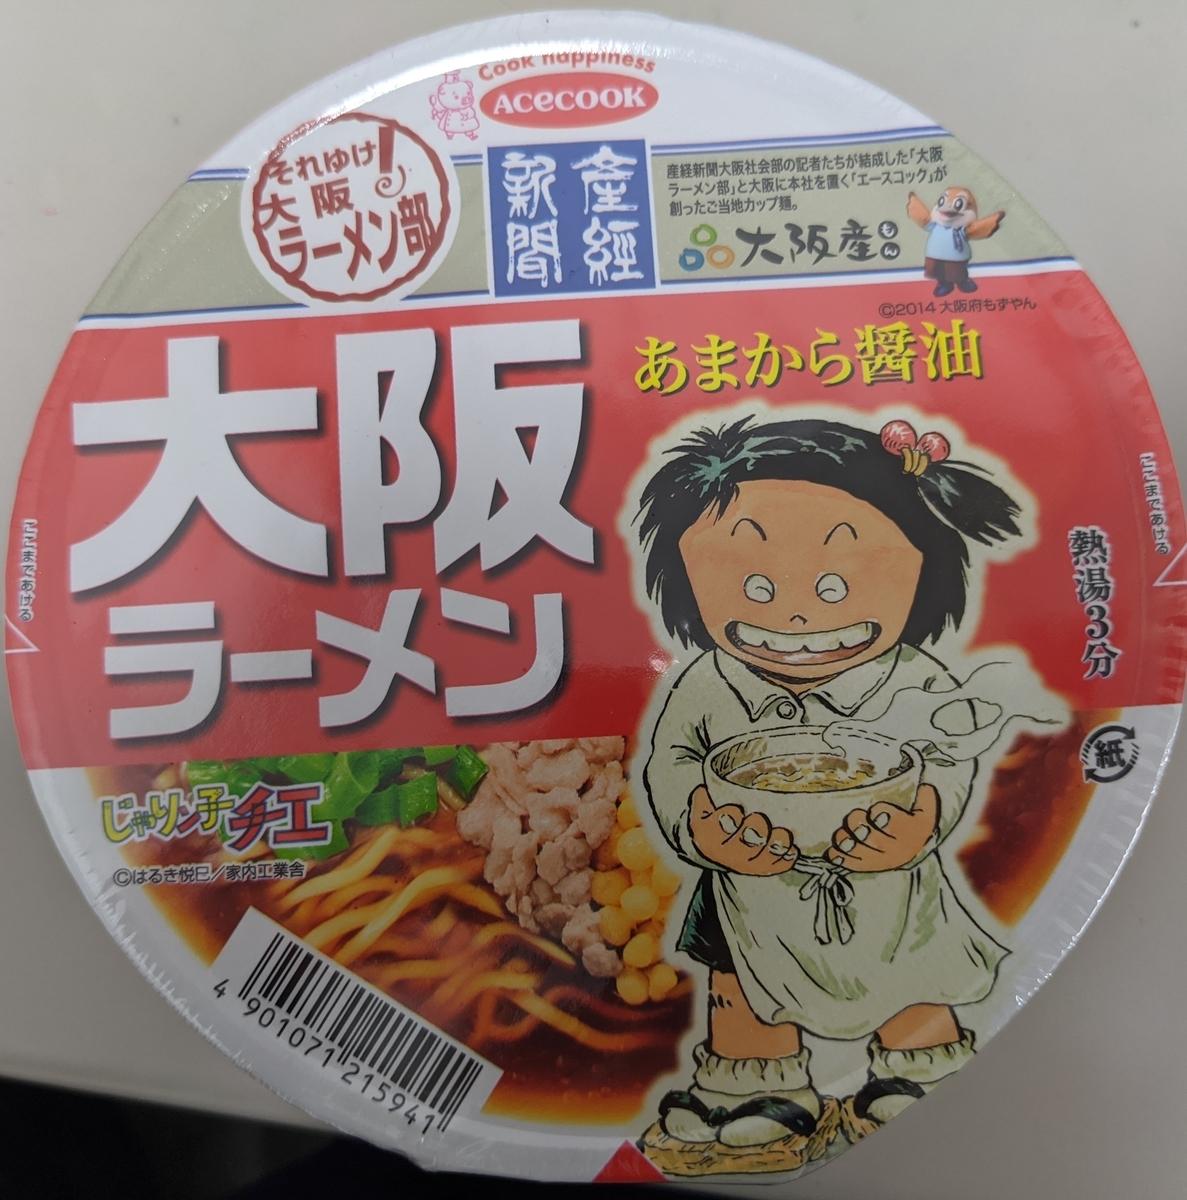 大阪ラーメンのパッケージ写真